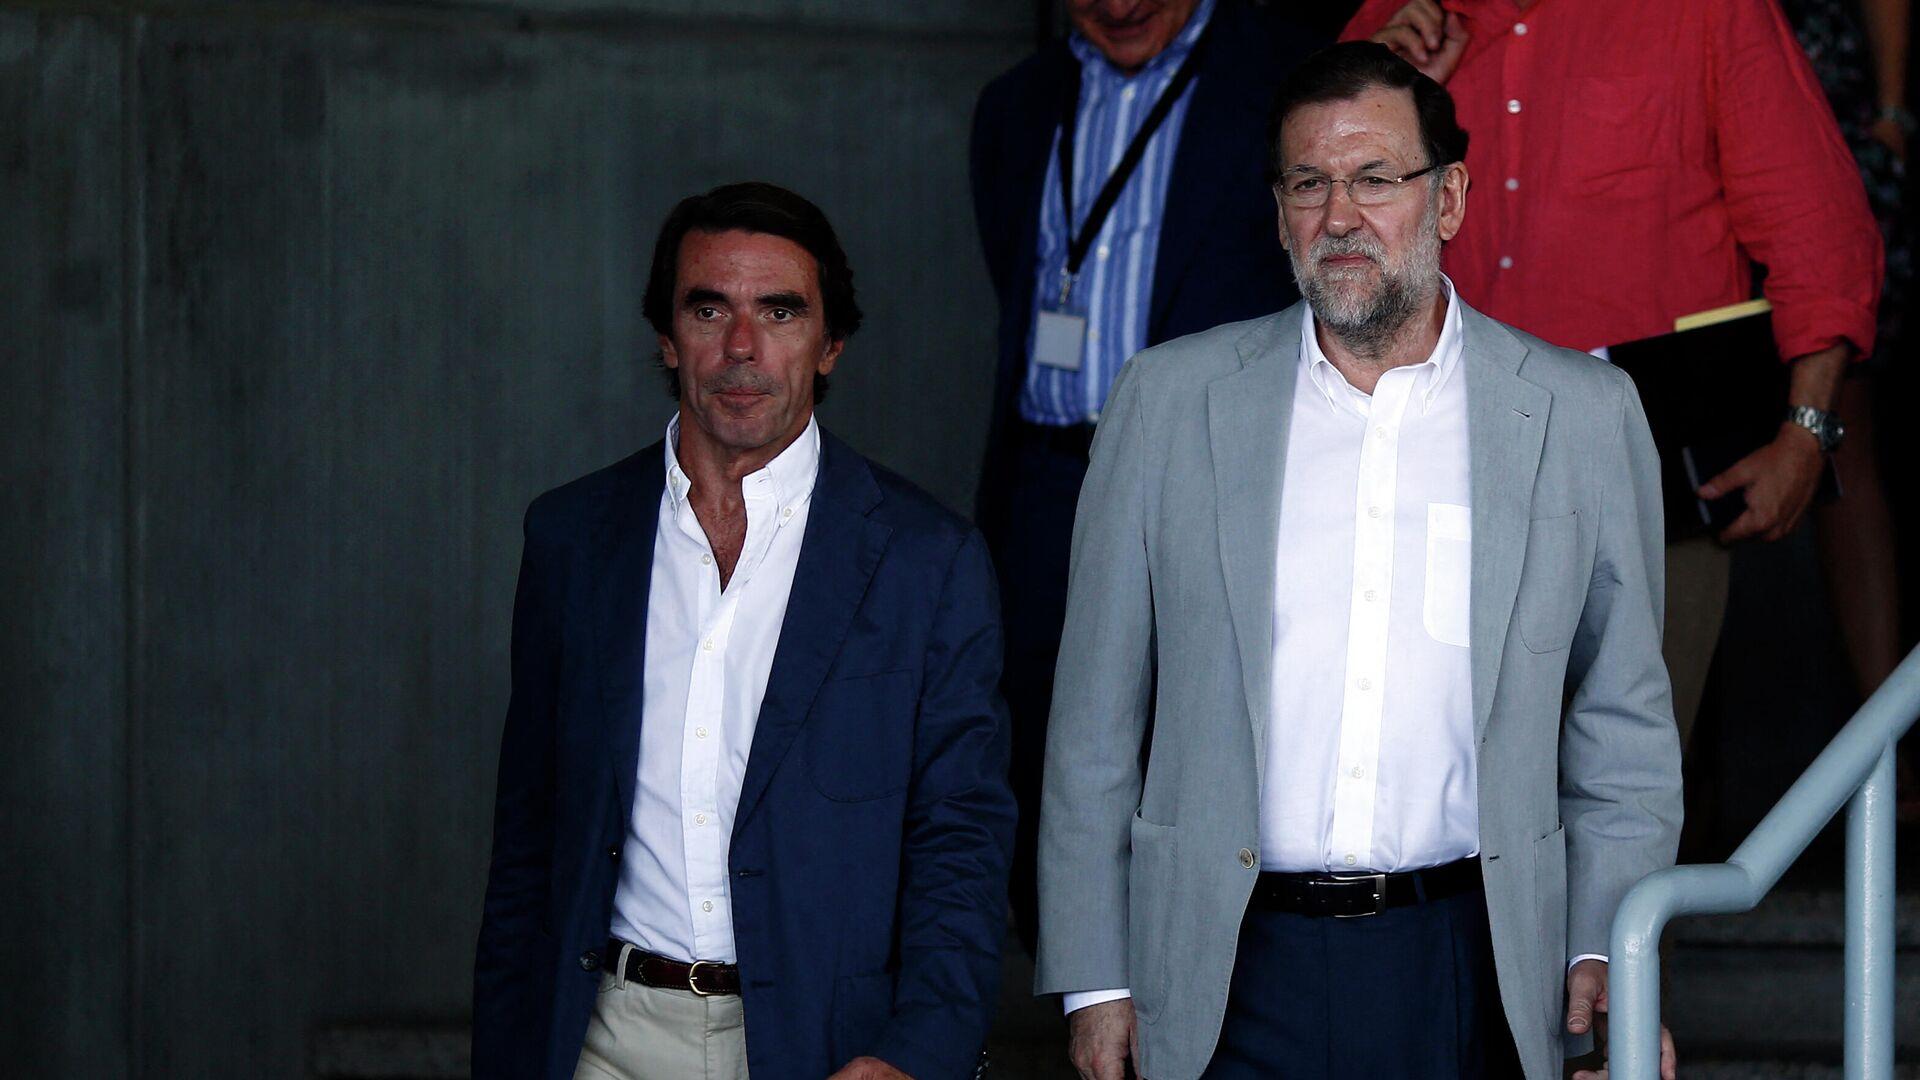 Los expresidentes del Gobierno español José María Aznar y Mariano Rajoy - Sputnik Mundo, 1920, 23.03.2021